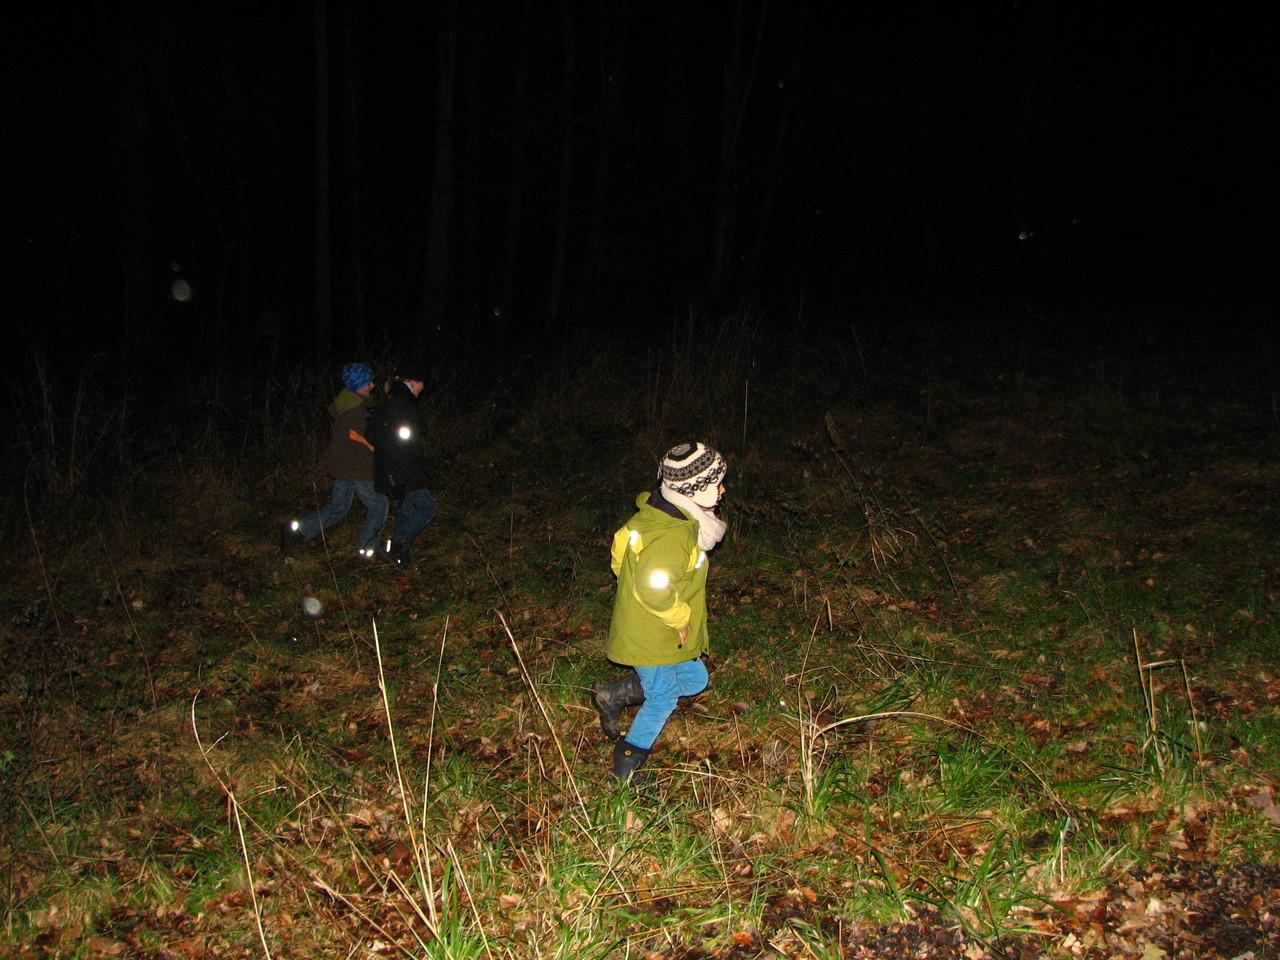 Auch die Jungen entdecken etwas in der Dunkelheit